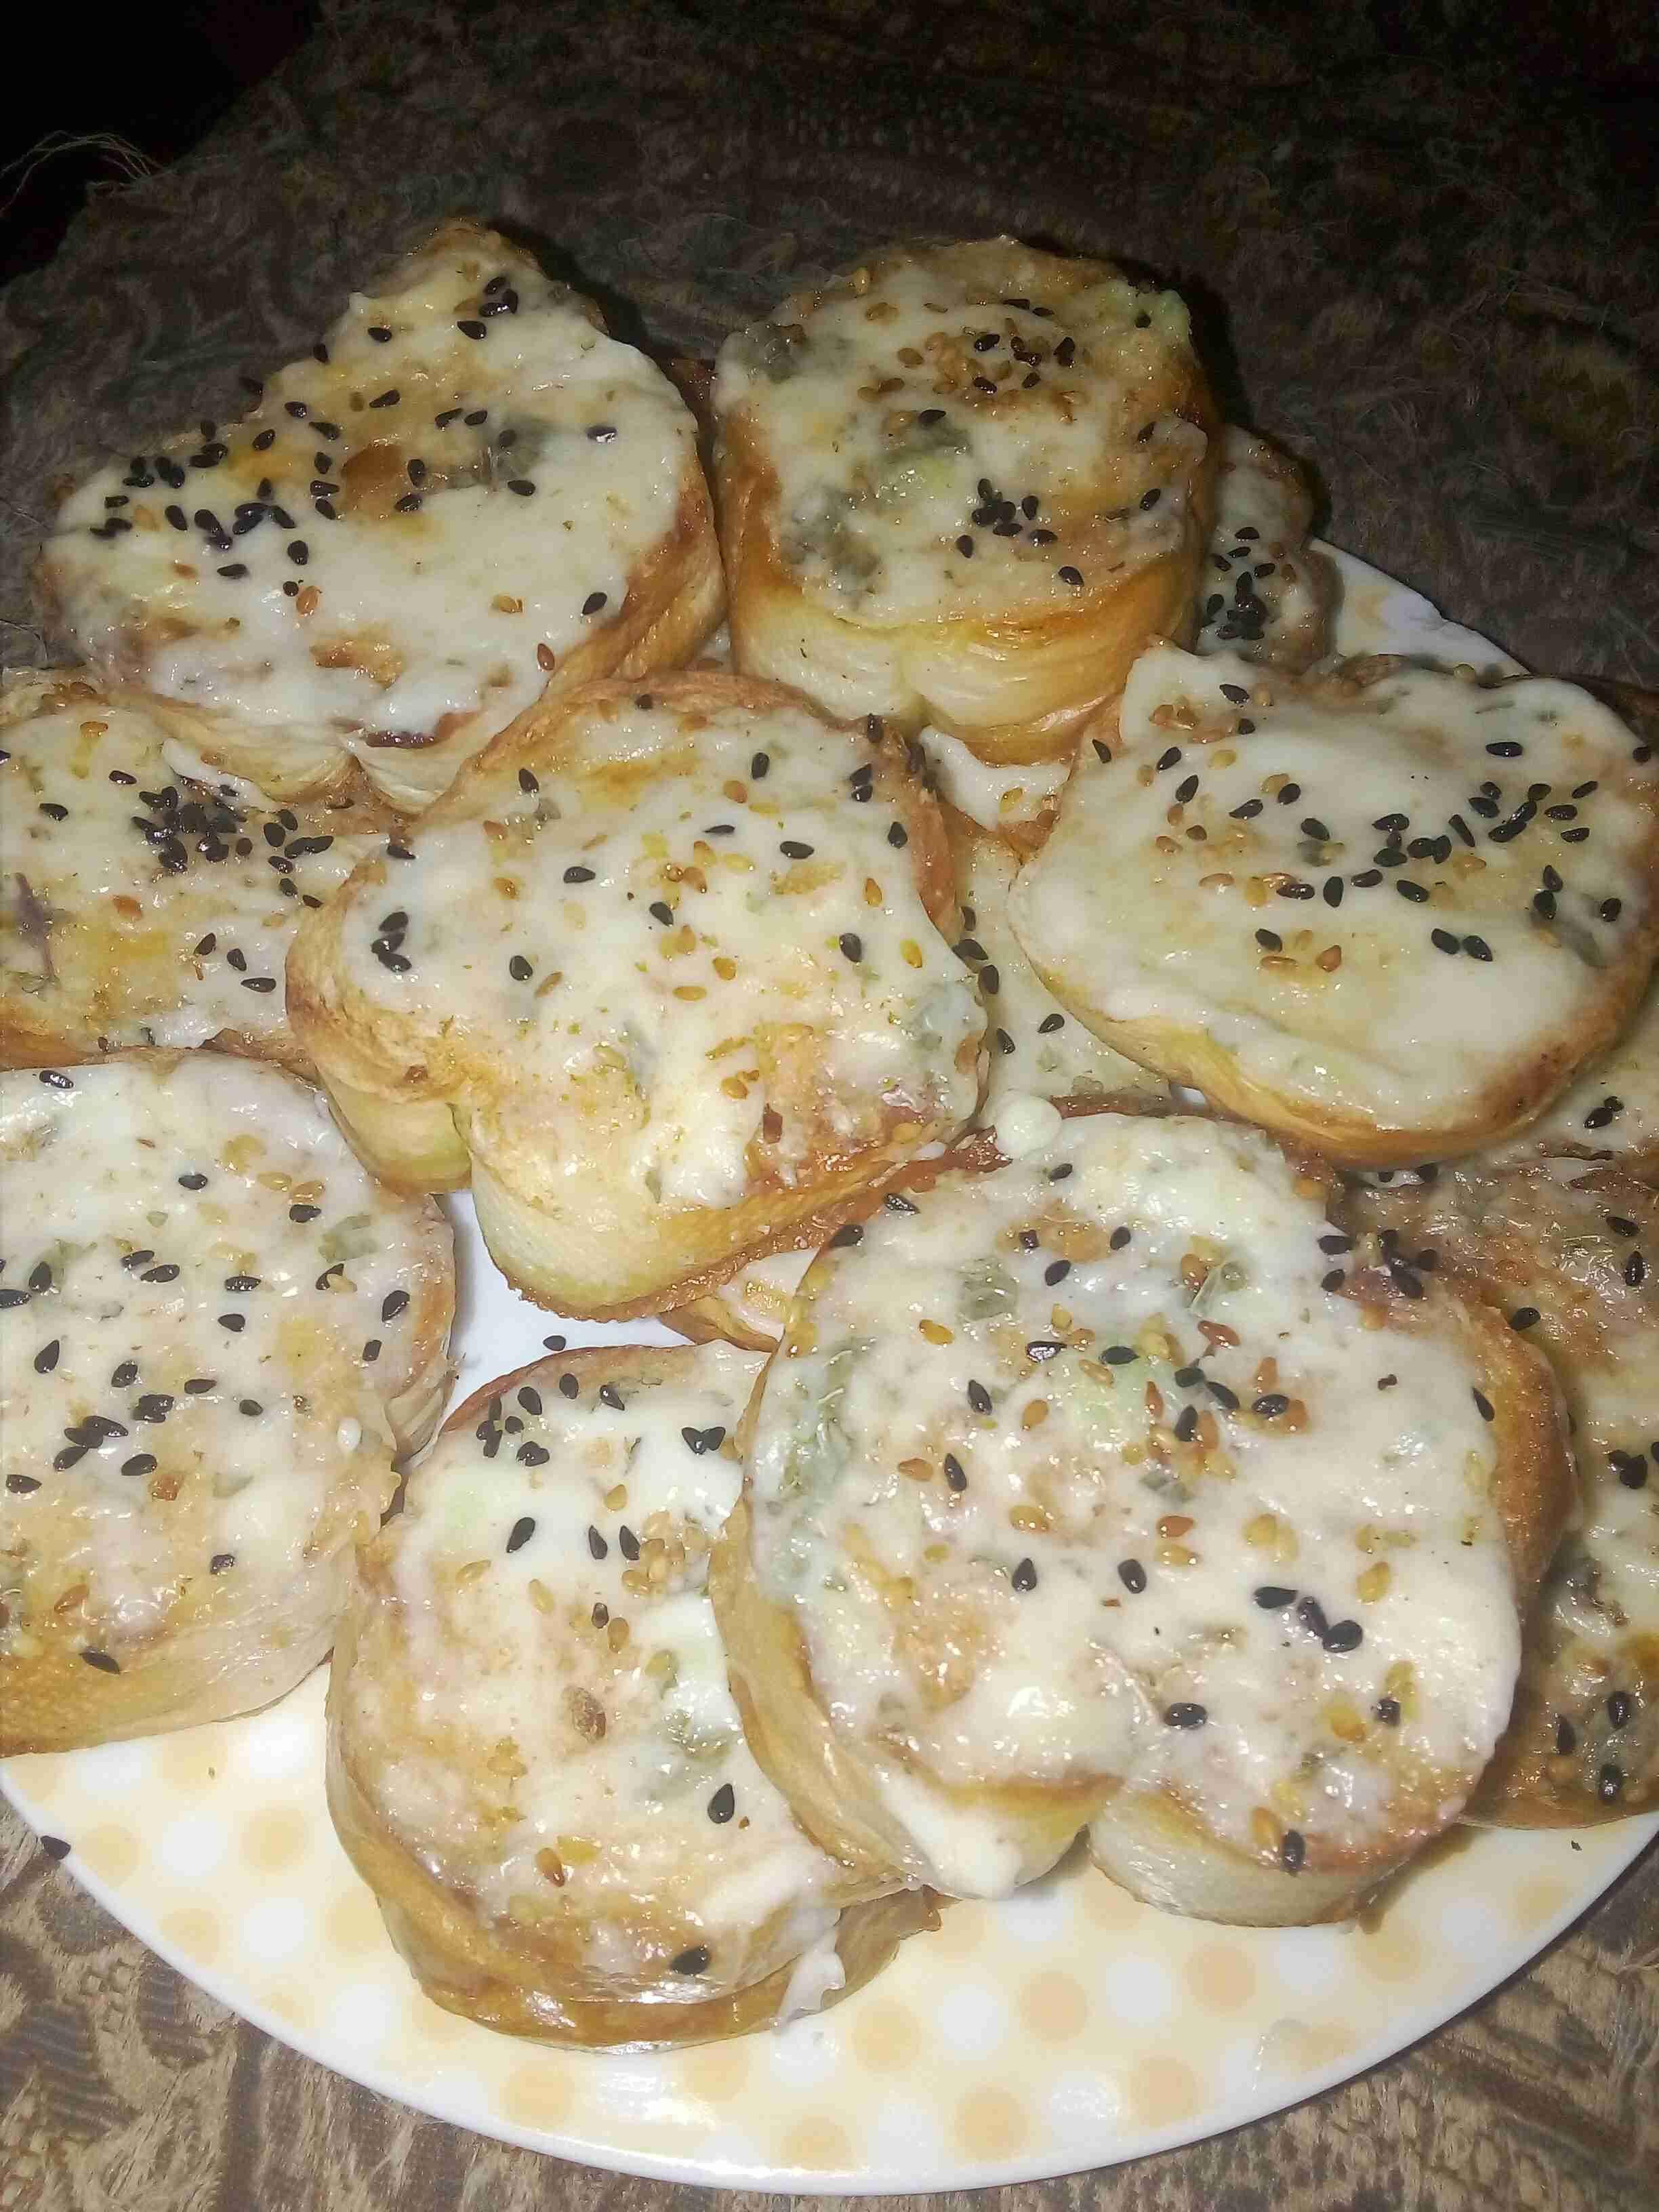 خبز محمص اكتر من راااااائع زاكي Recipe Food Food And Drink Arabic Food